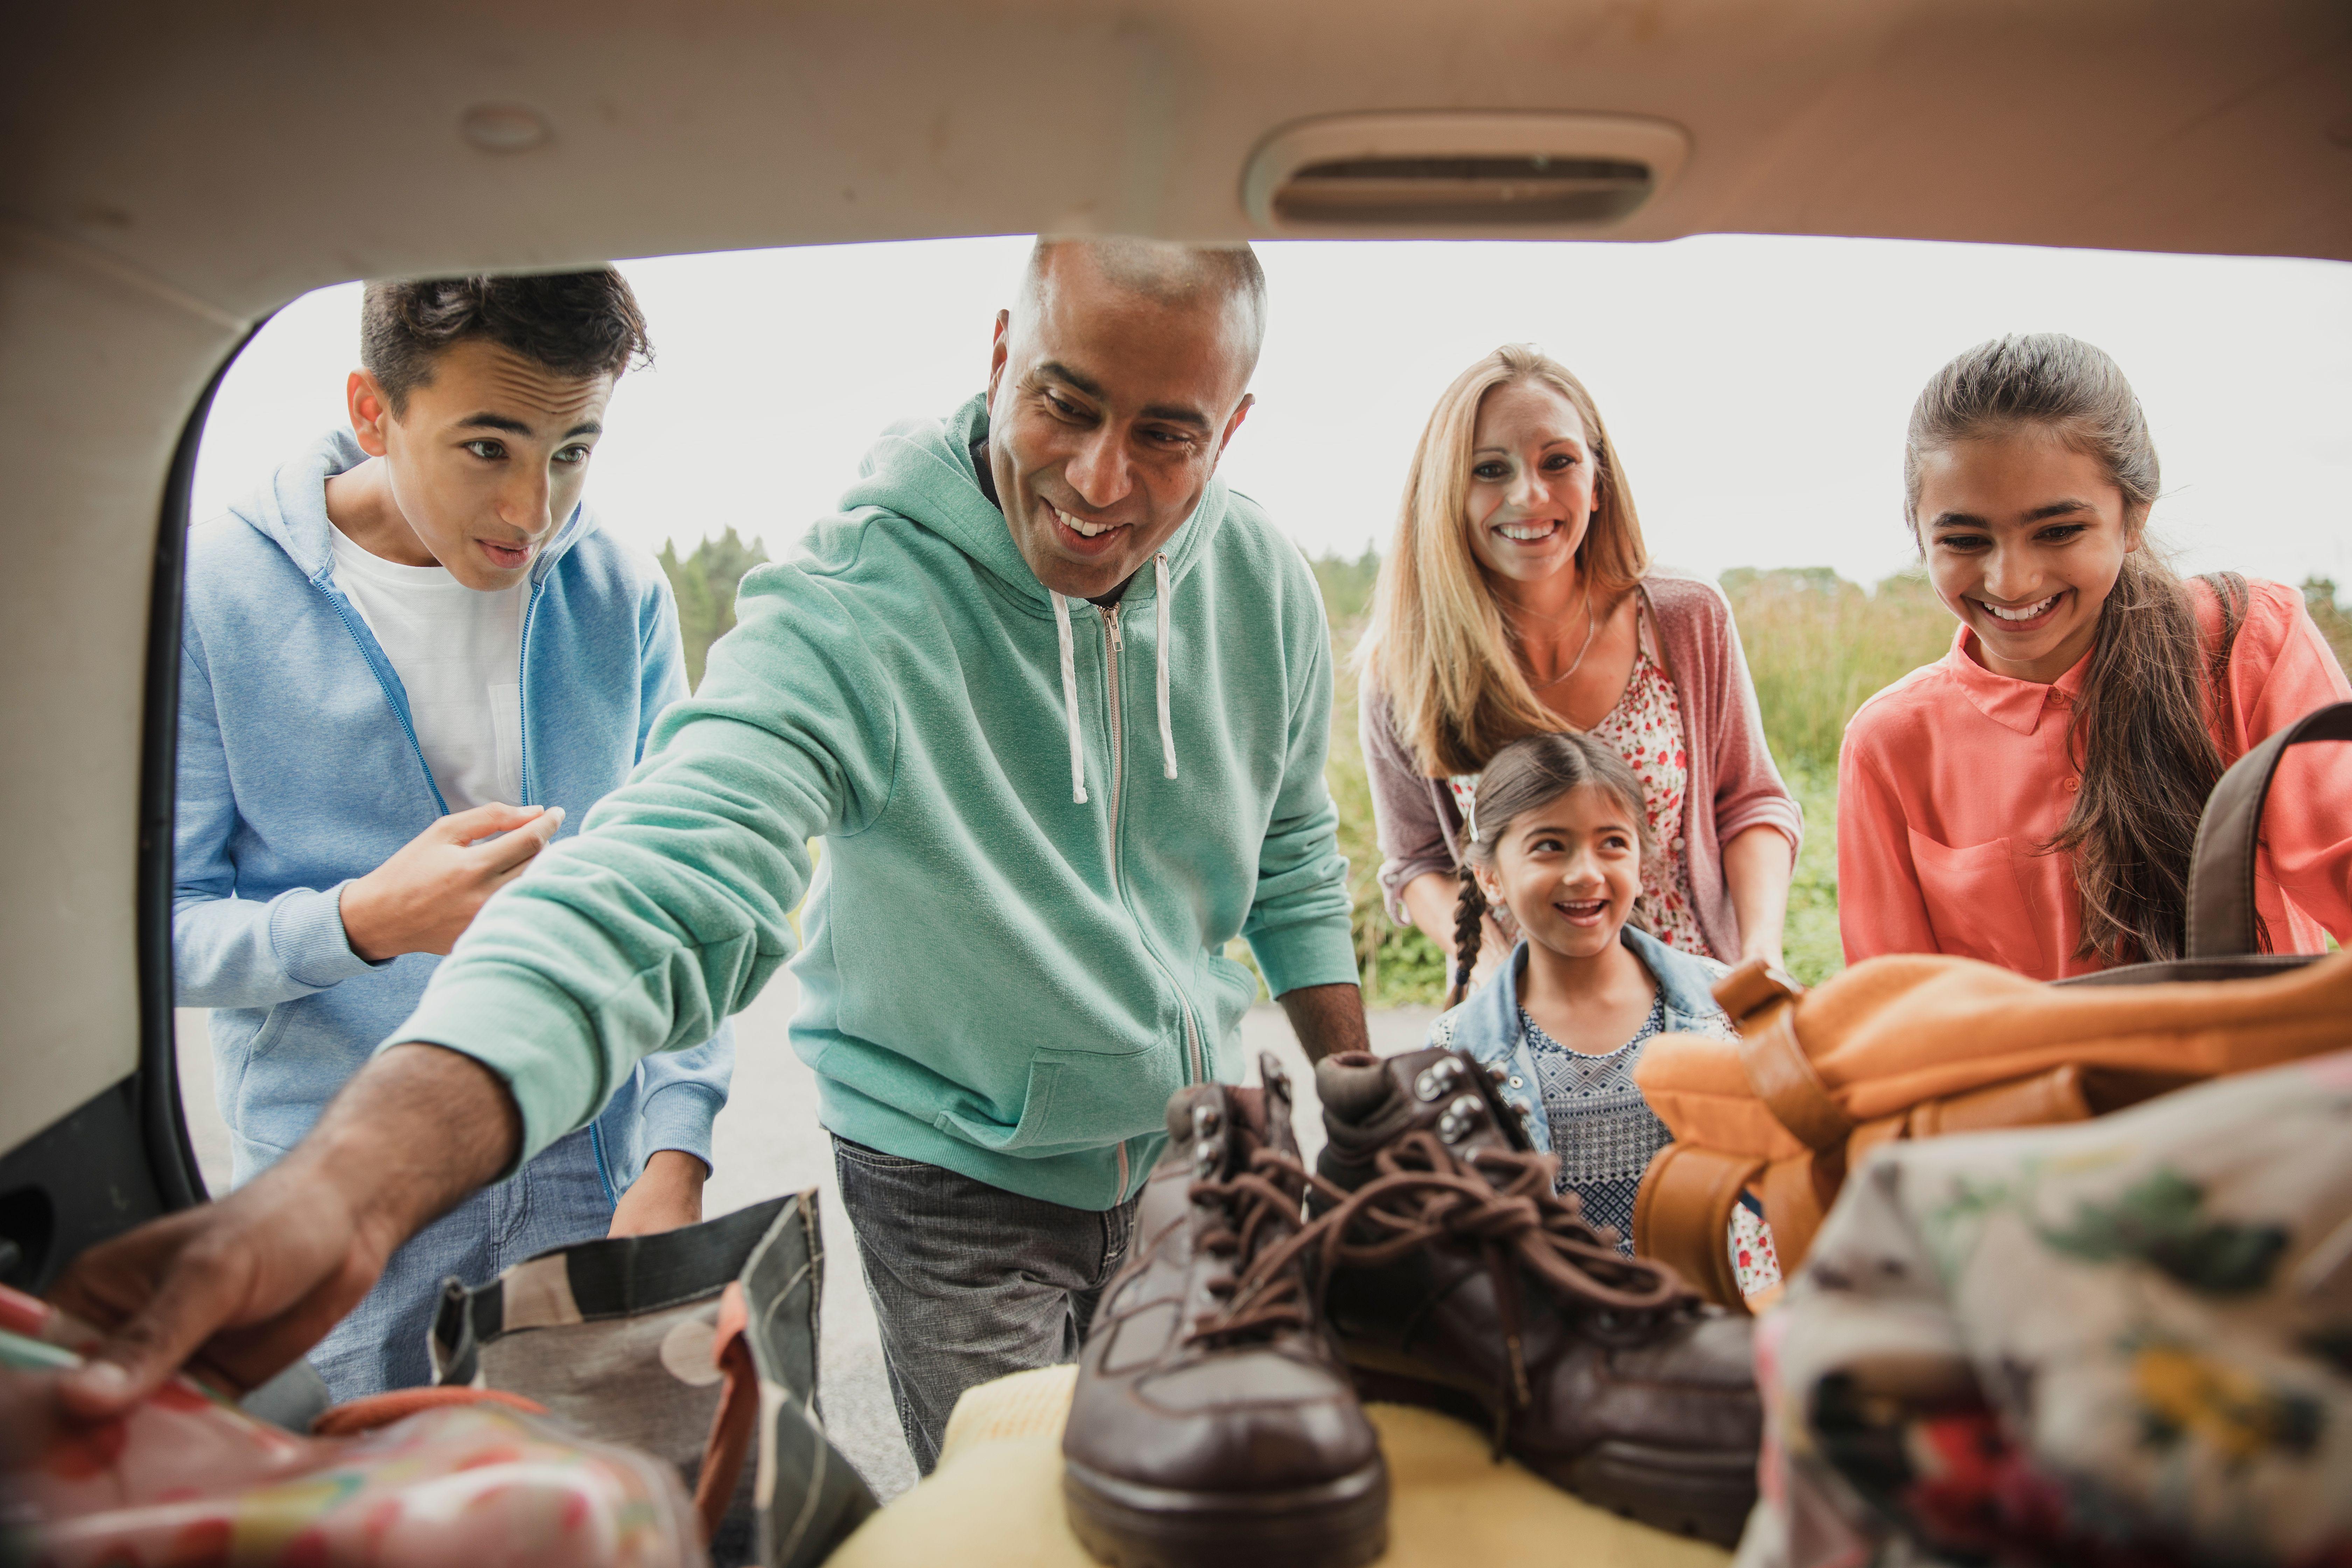 familie som gjør seg klar til å dra på bilferie.